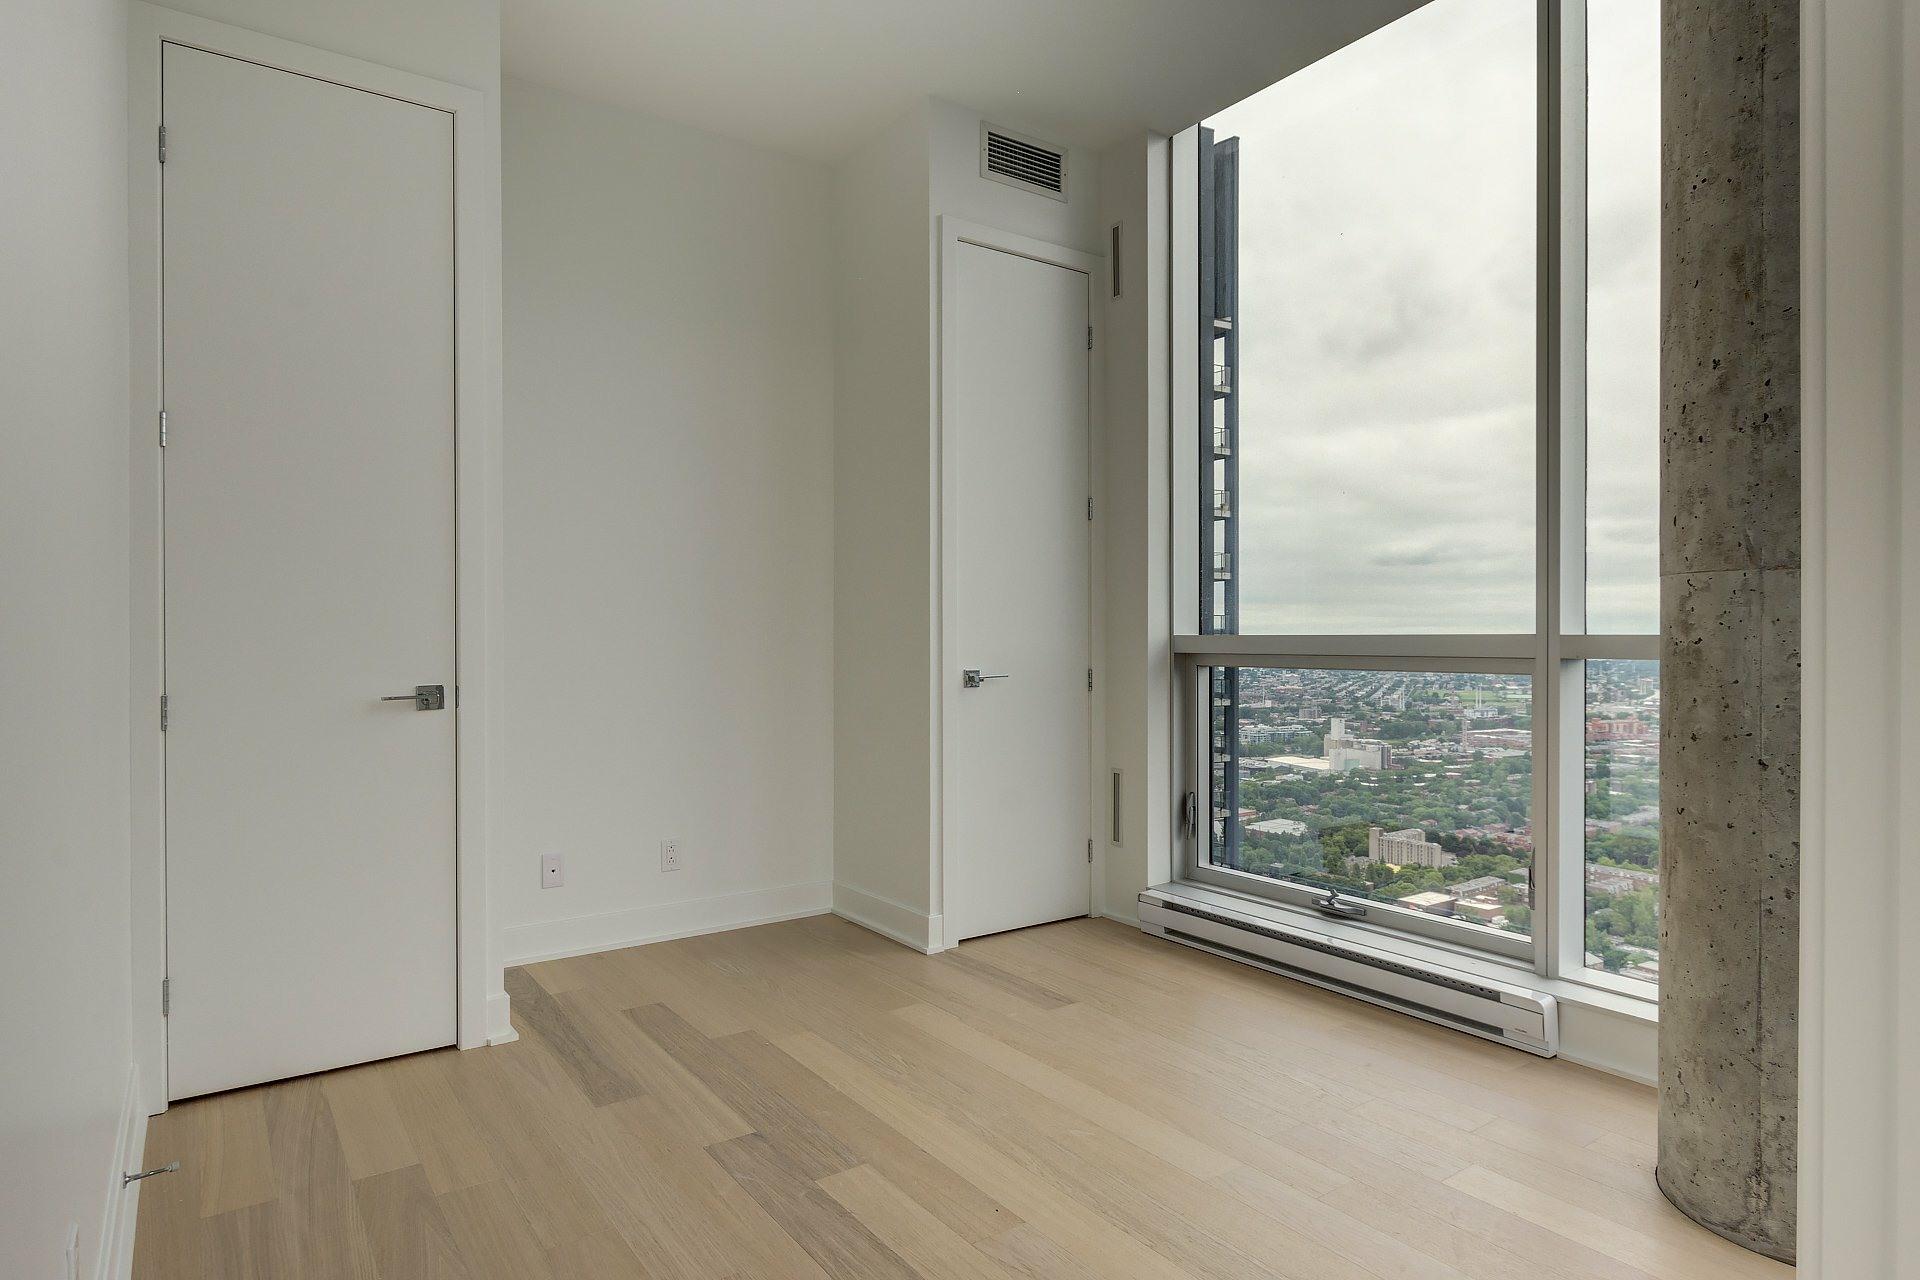 image 15 - Appartement À vendre Ville-Marie Montréal  - 4 pièces